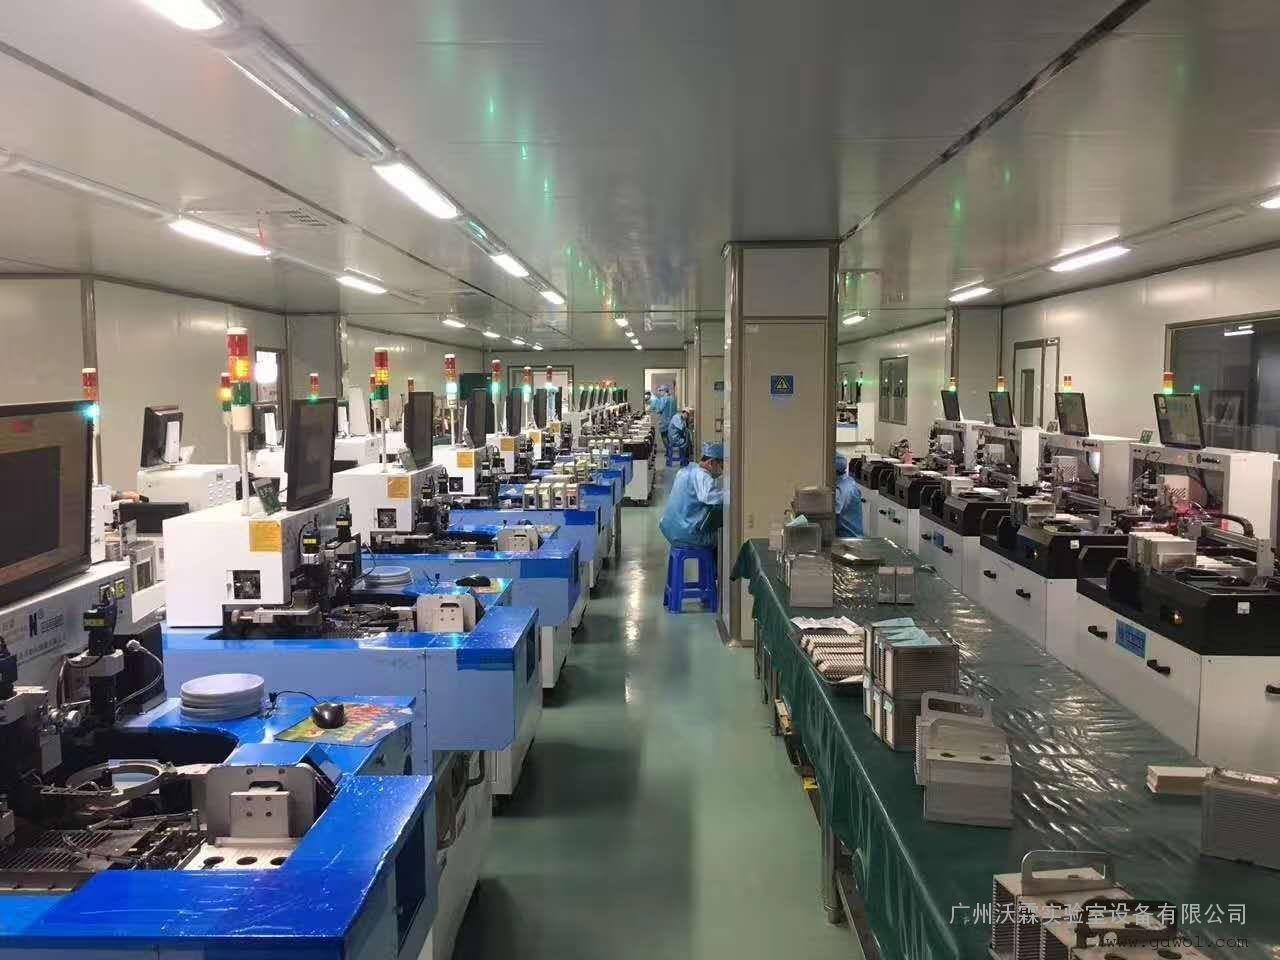 专业承接日光灯 光管 电子厂生产车间 无尘车间设计装修